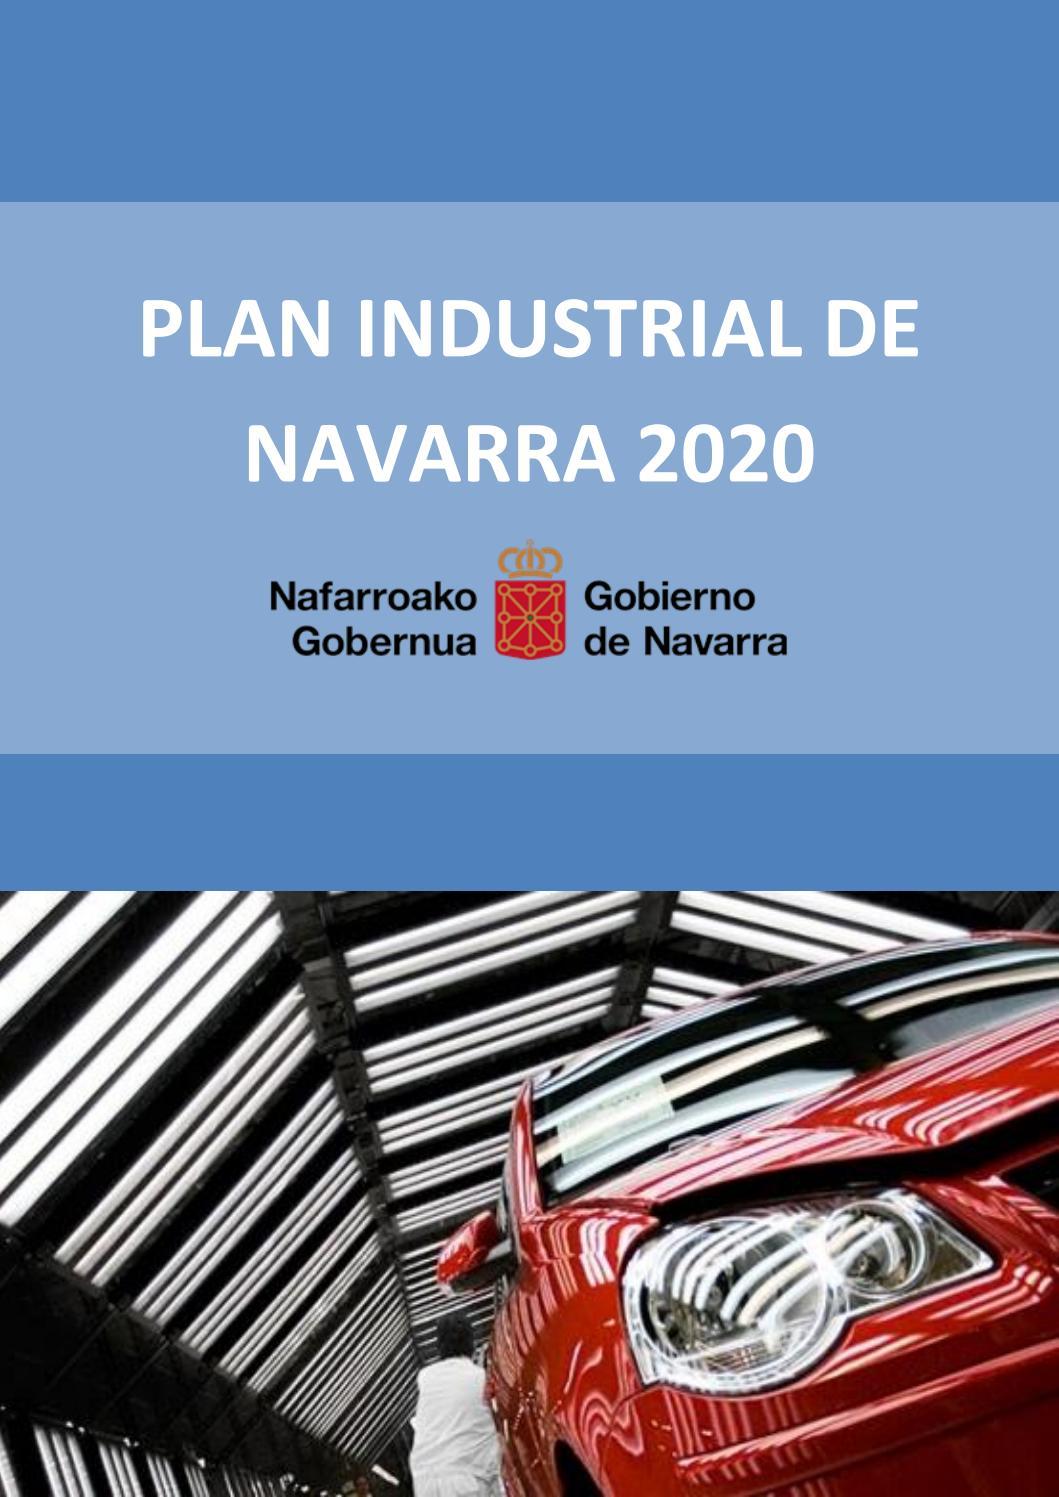 Institución Futuro valora el Plan Industrial, aunque ve difícil alcanzar sus objetivos